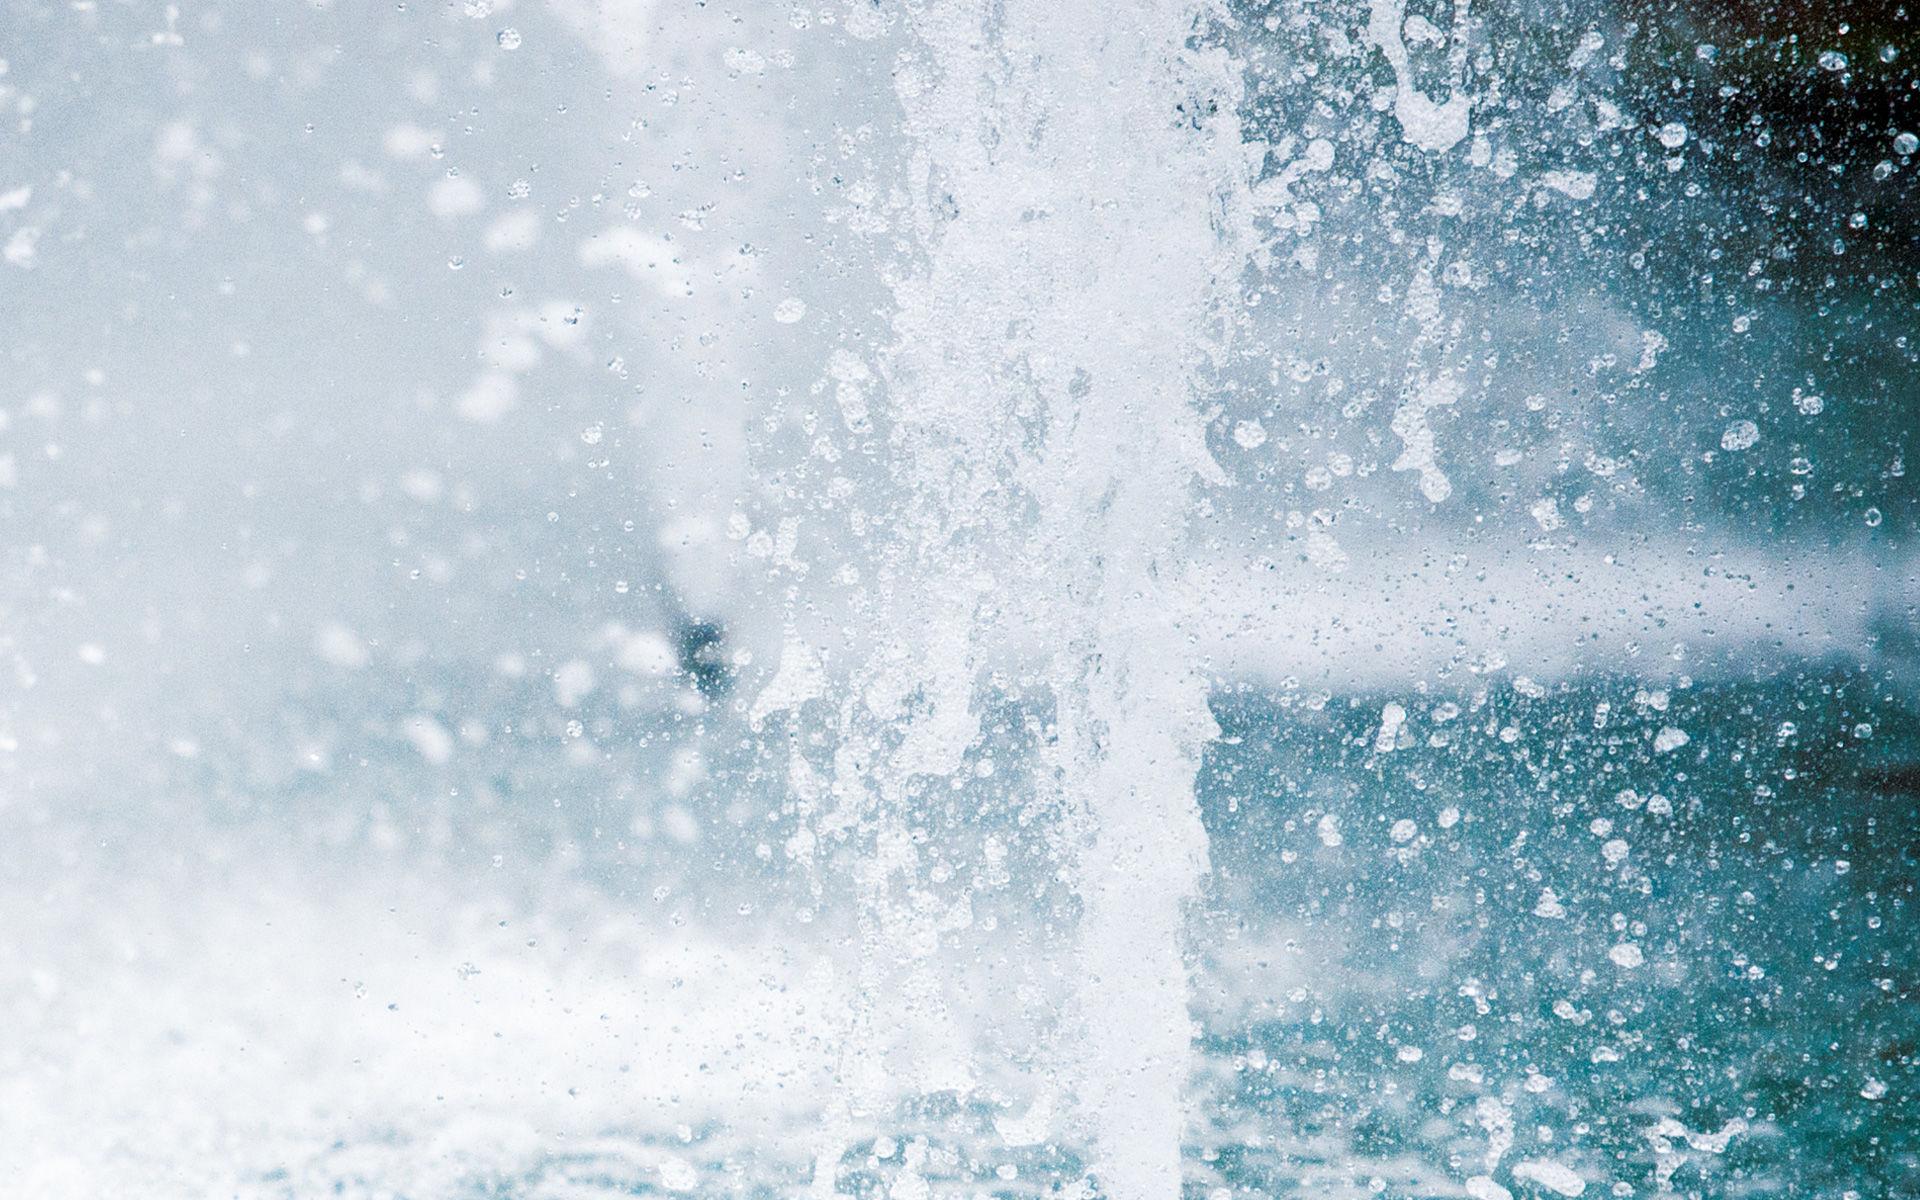 Foto von sprudelndem Wasser in der KissSalis Therme in Bad Kissingen